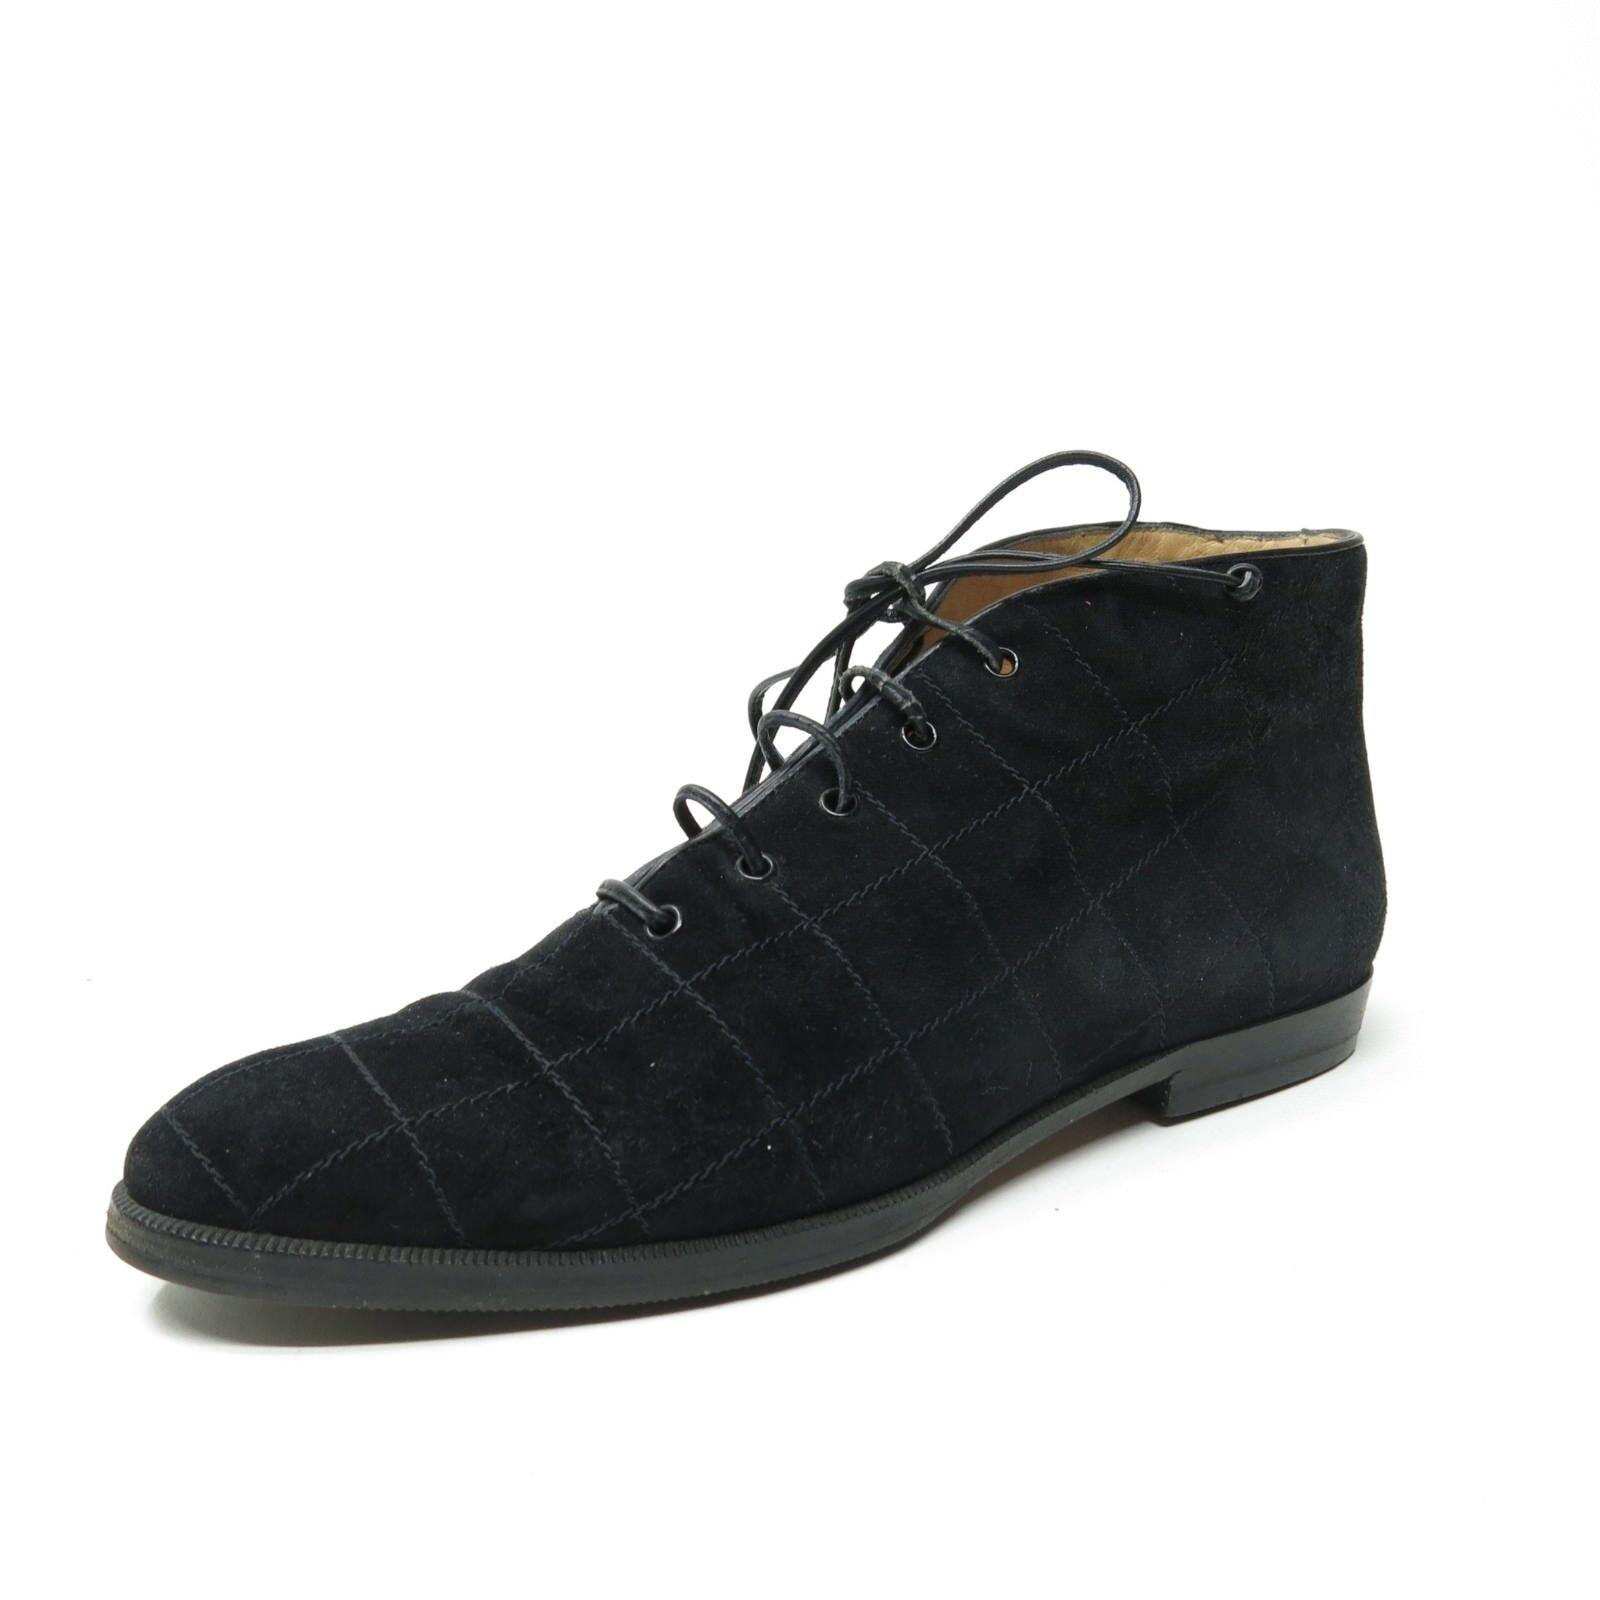 De Colección Salvatore Ferragamo Acolchado Negro Cuero Con Cordones botas al Tobillo WMN 6.5 AA